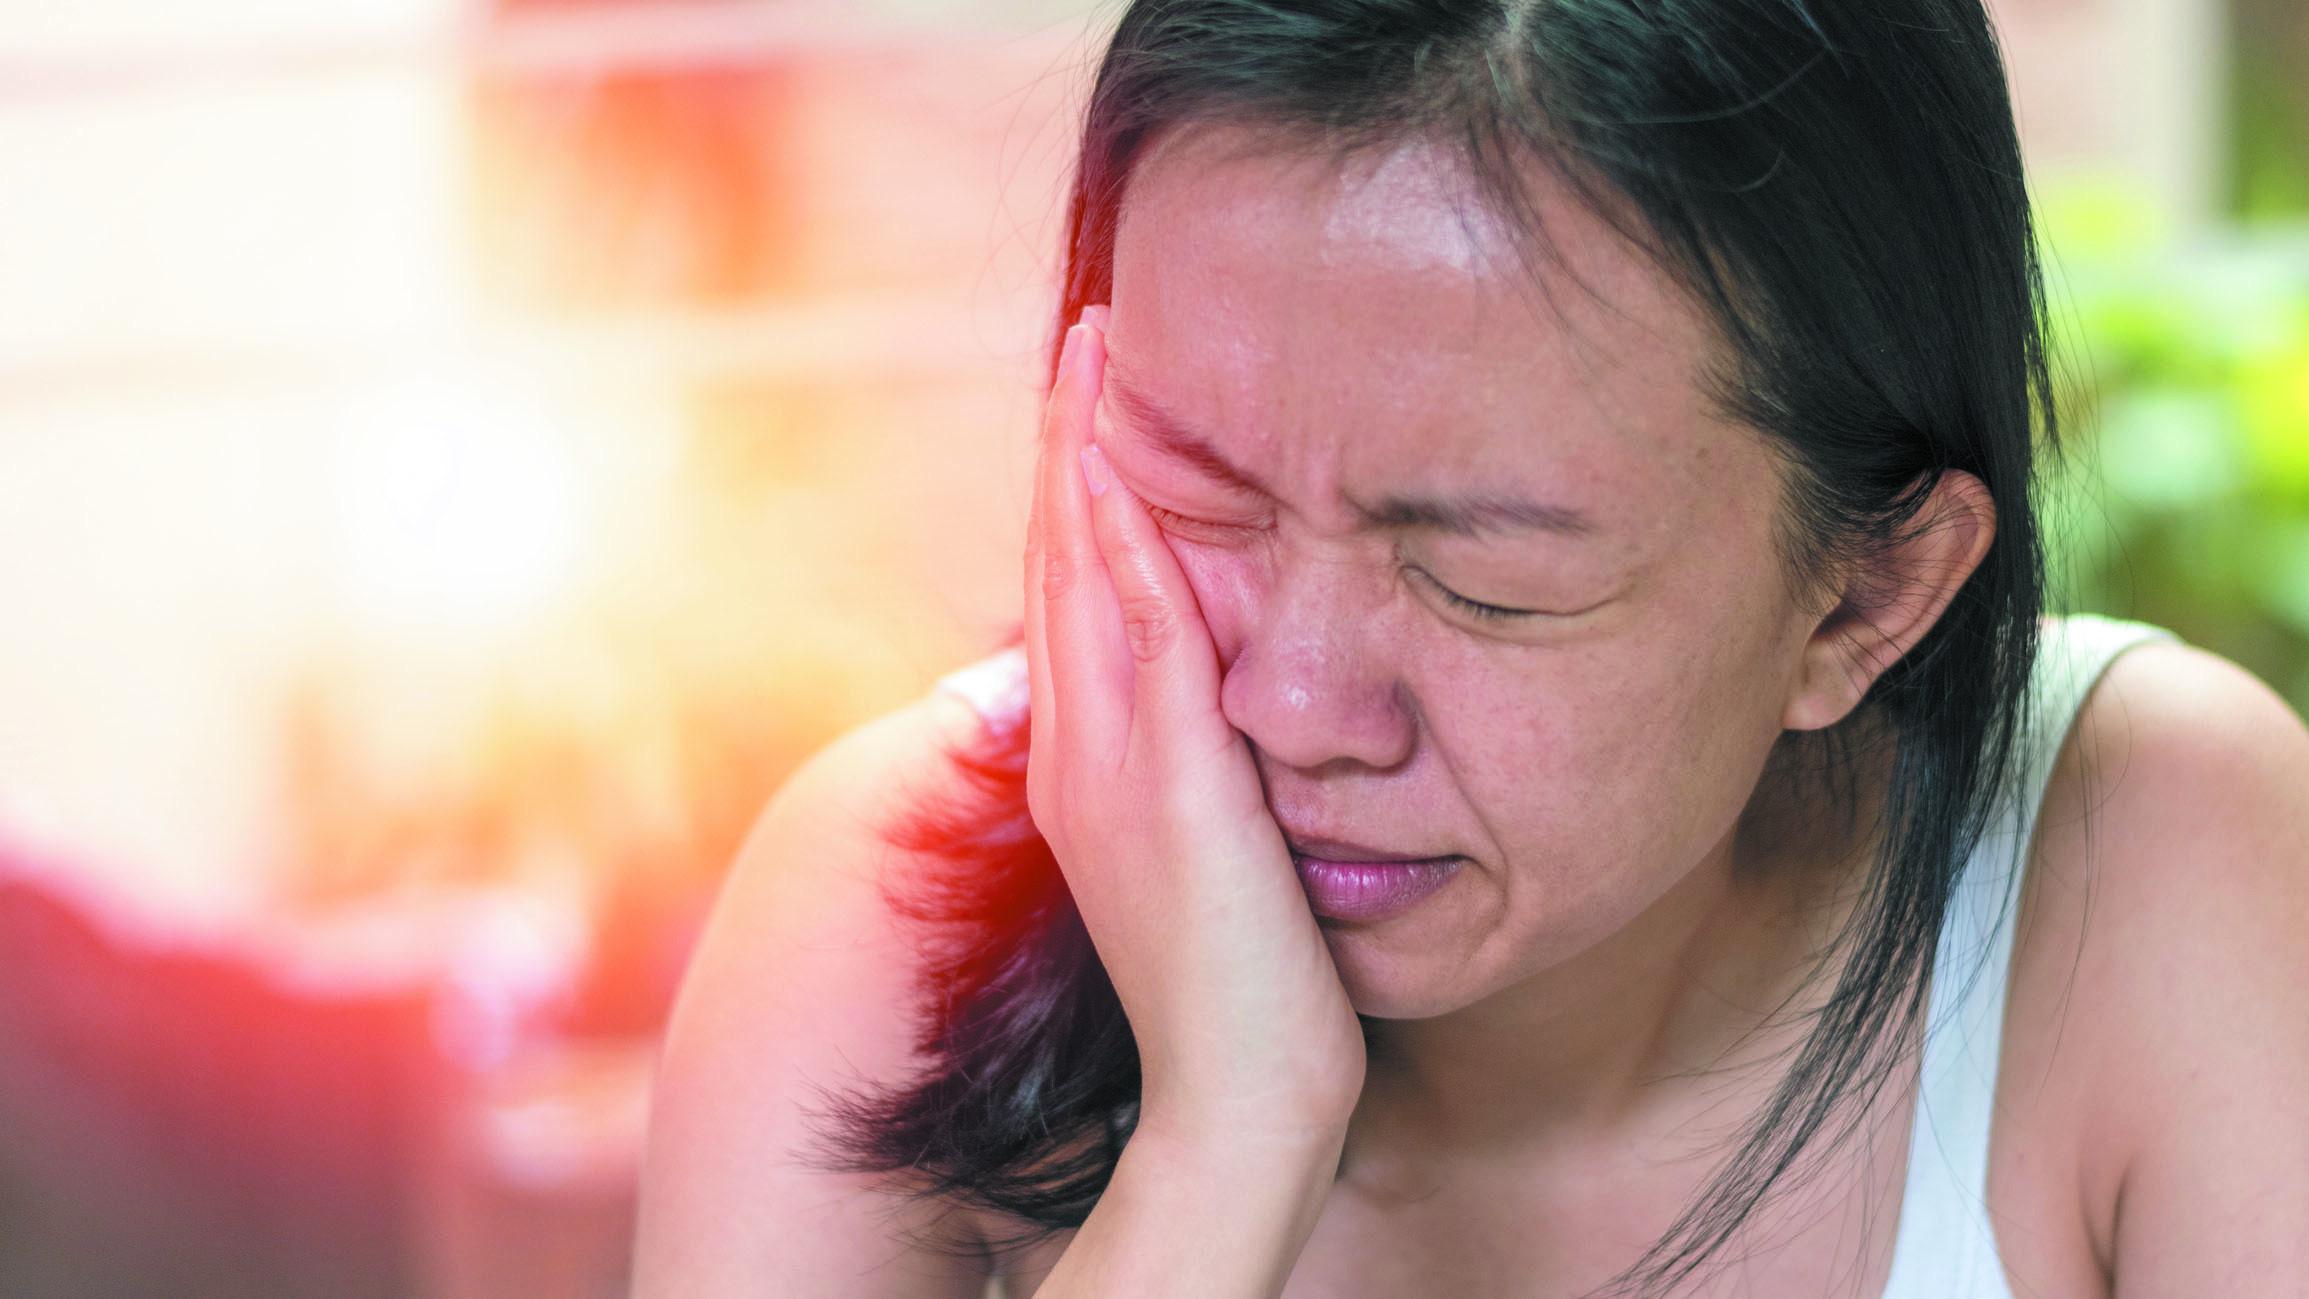 Effetto del trattamento dei disturbi temporomandibolari su emicrania, dolore cervicale e postura della testa e del collo